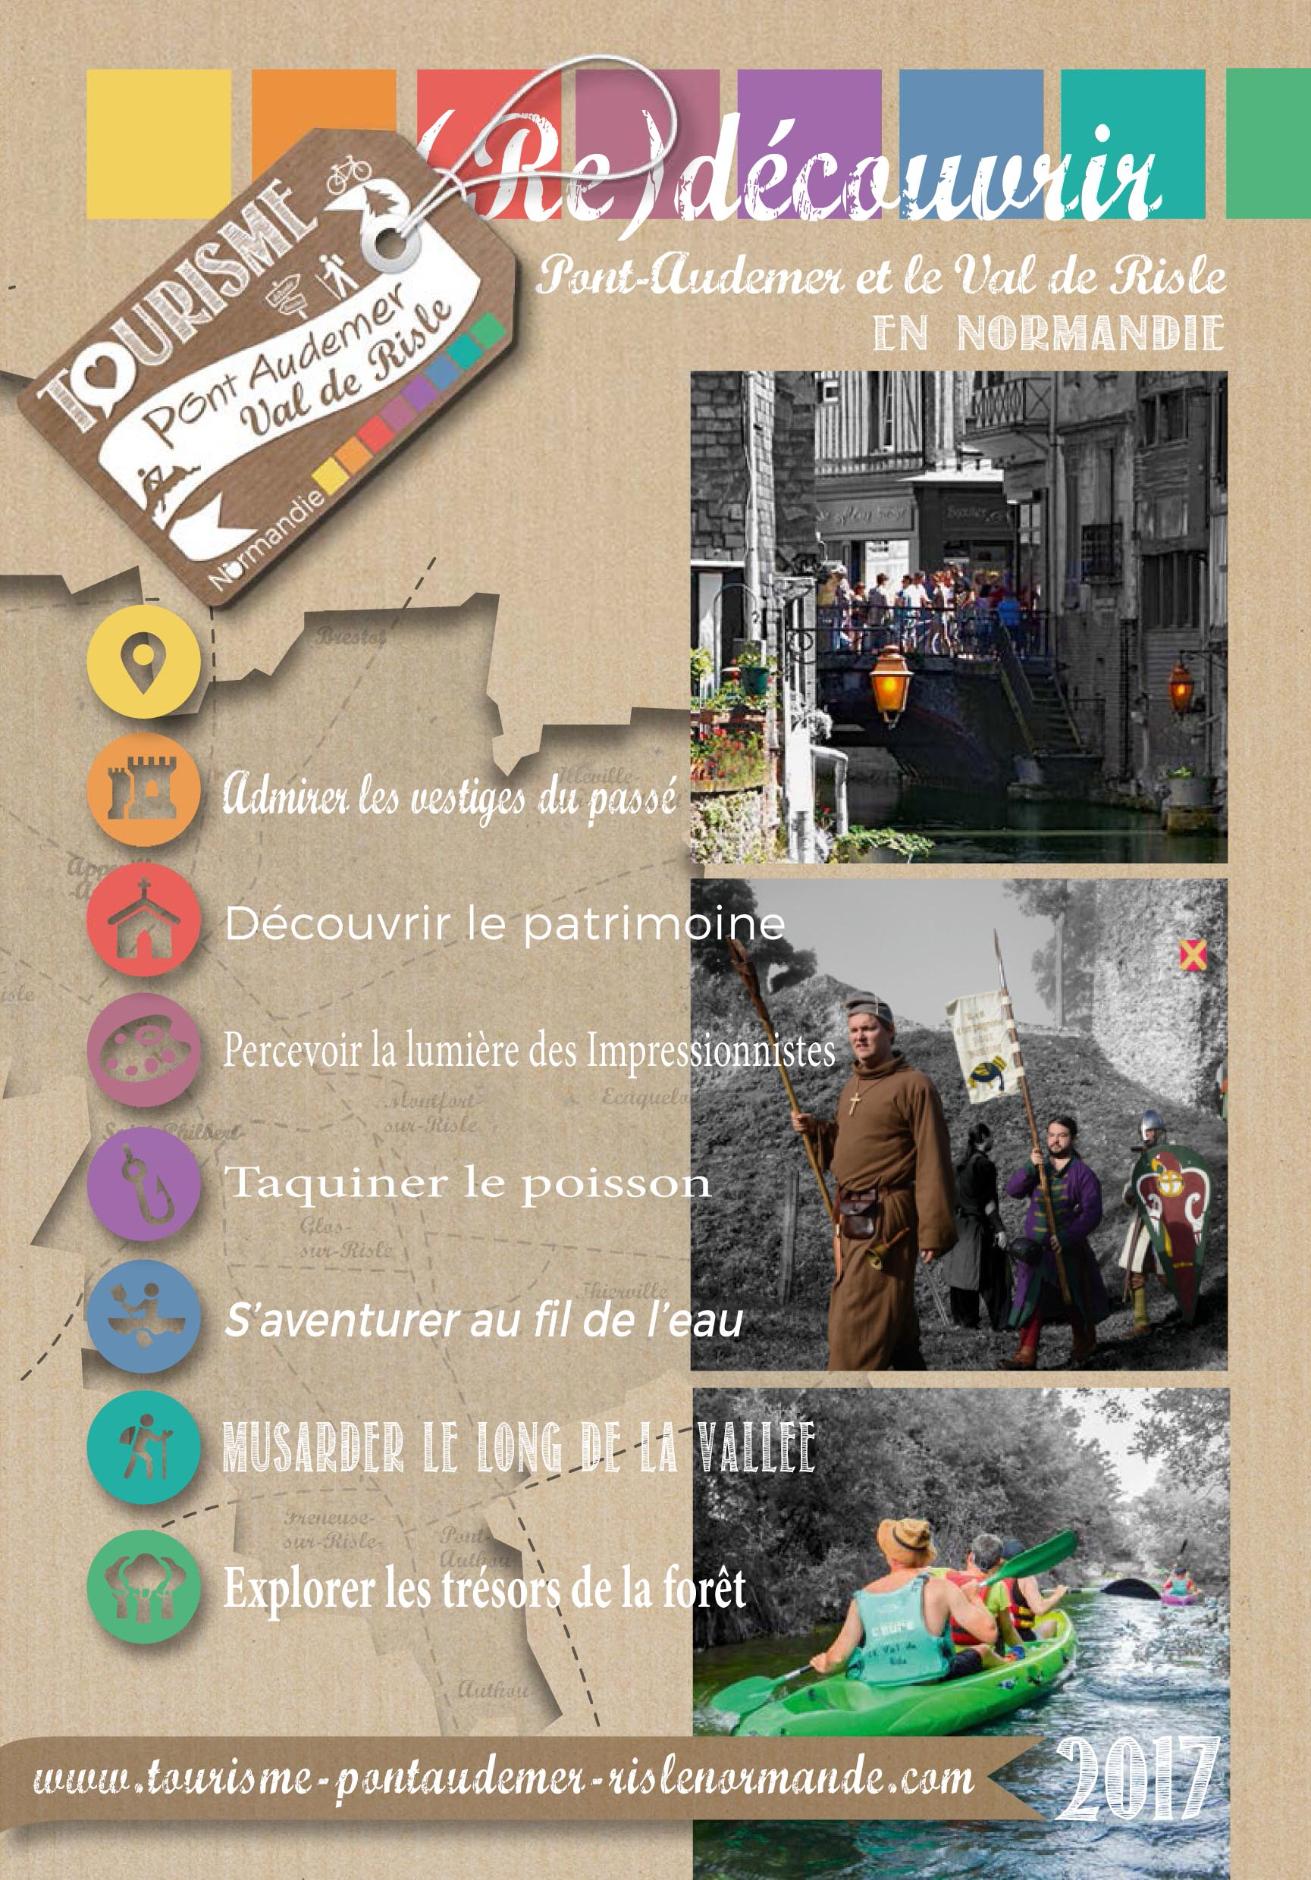 Redécouvrir-Pont-Audemer-et-le-Val-de-Risle-2017-1